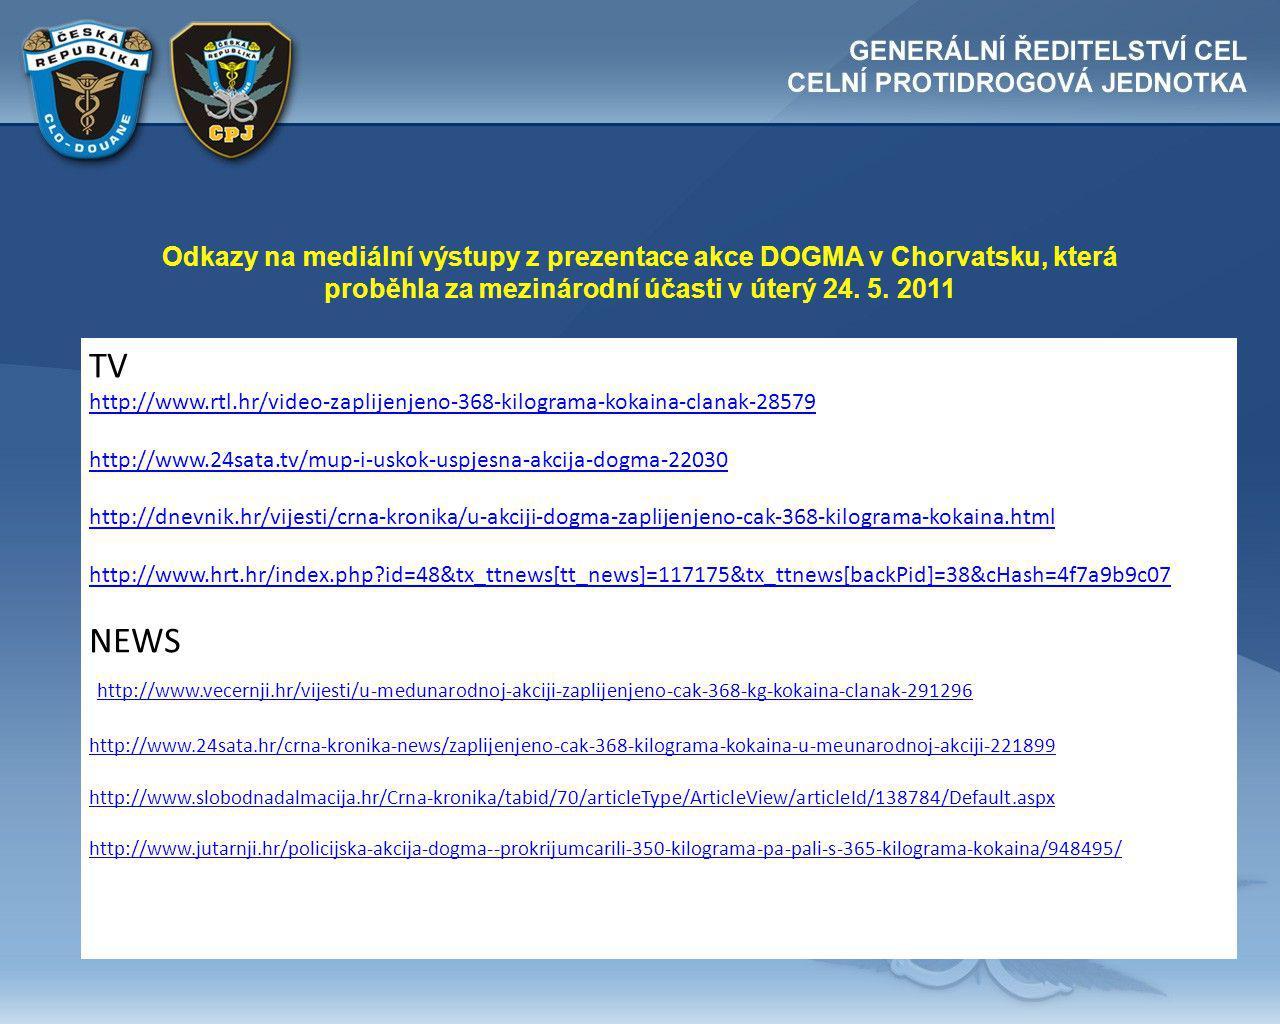 Odkazy na mediální výstupy z prezentace akce DOGMA v Chorvatsku, která proběhla za mezinárodní účasti v úterý 24. 5. 2011